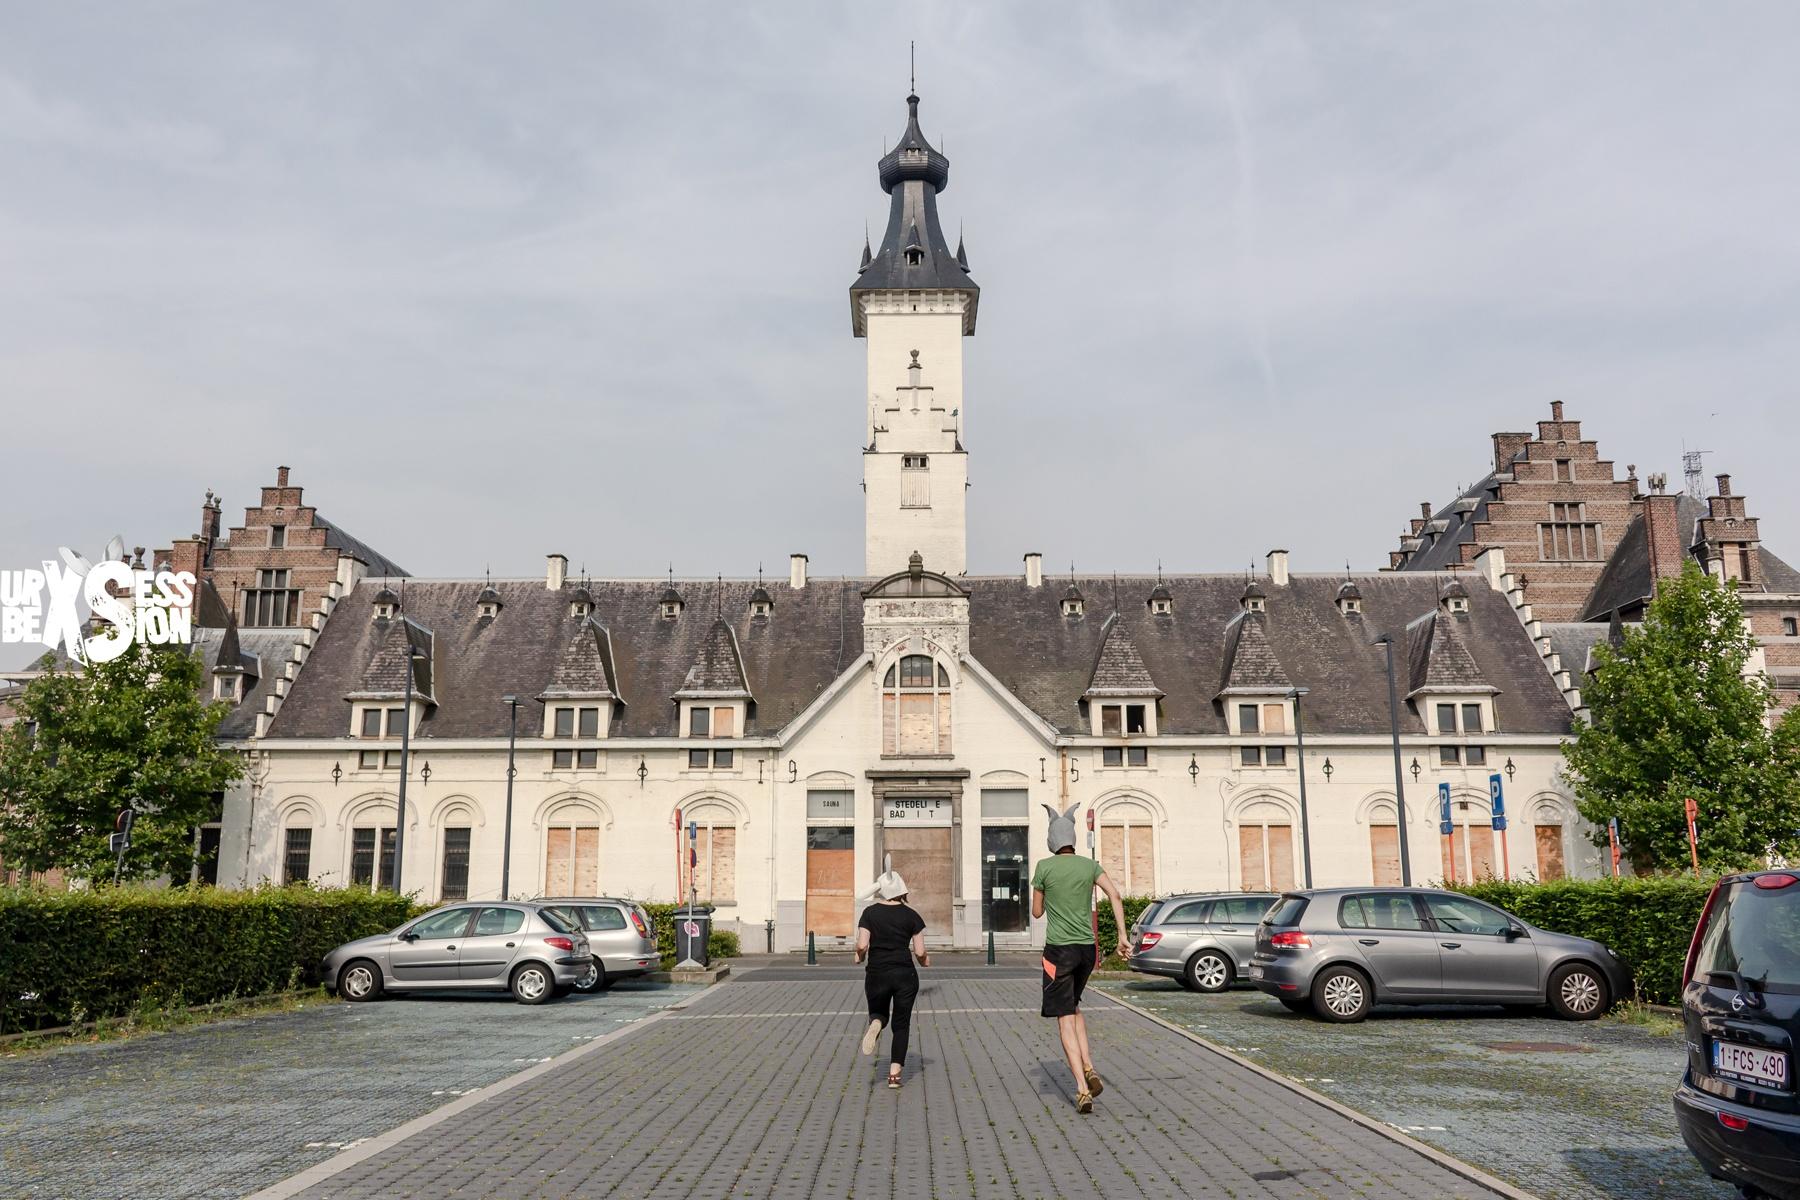 Magnifique piscine abandonnée située dans la ville de Malines en Belgique